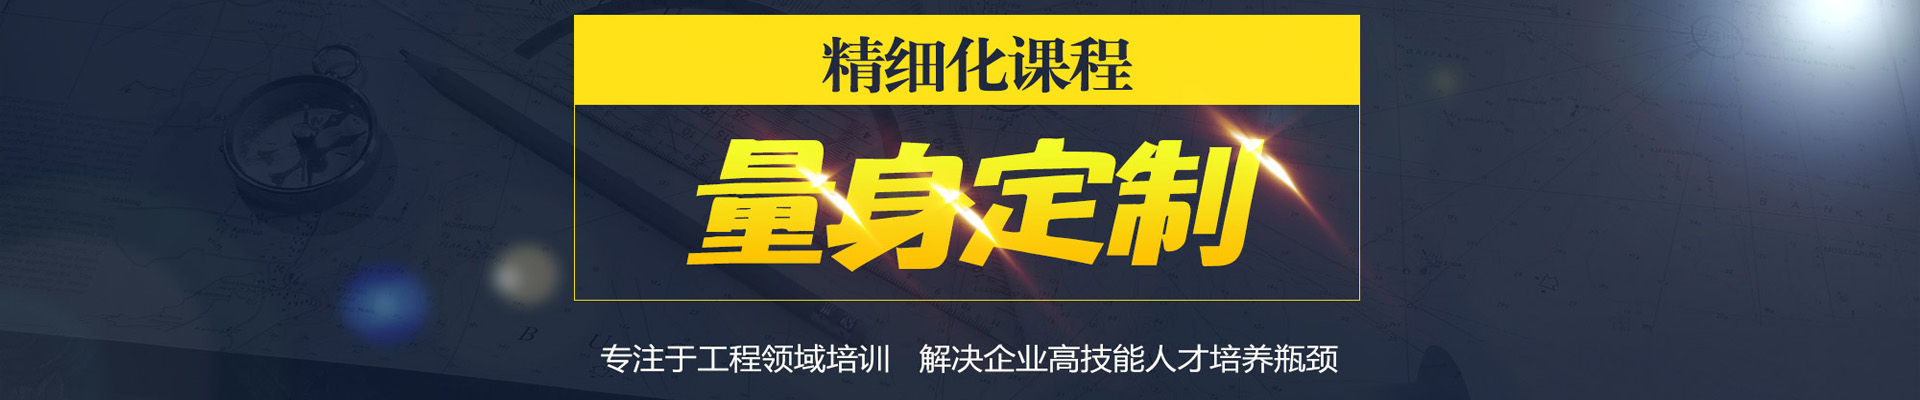 广西南宁优路教育培训学校